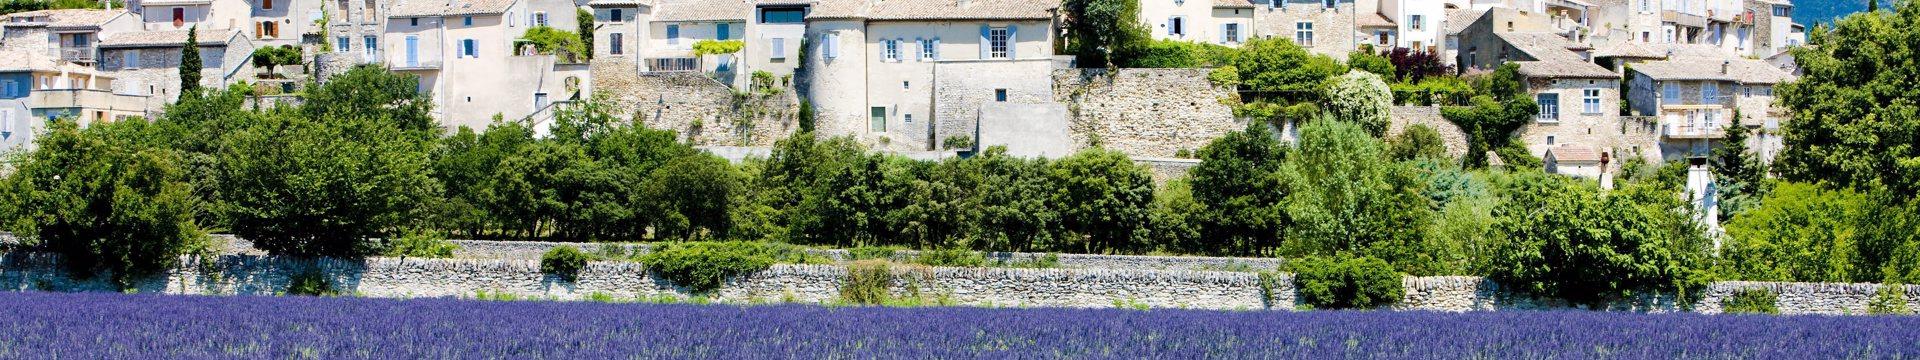 Châteauneuf sur Isère